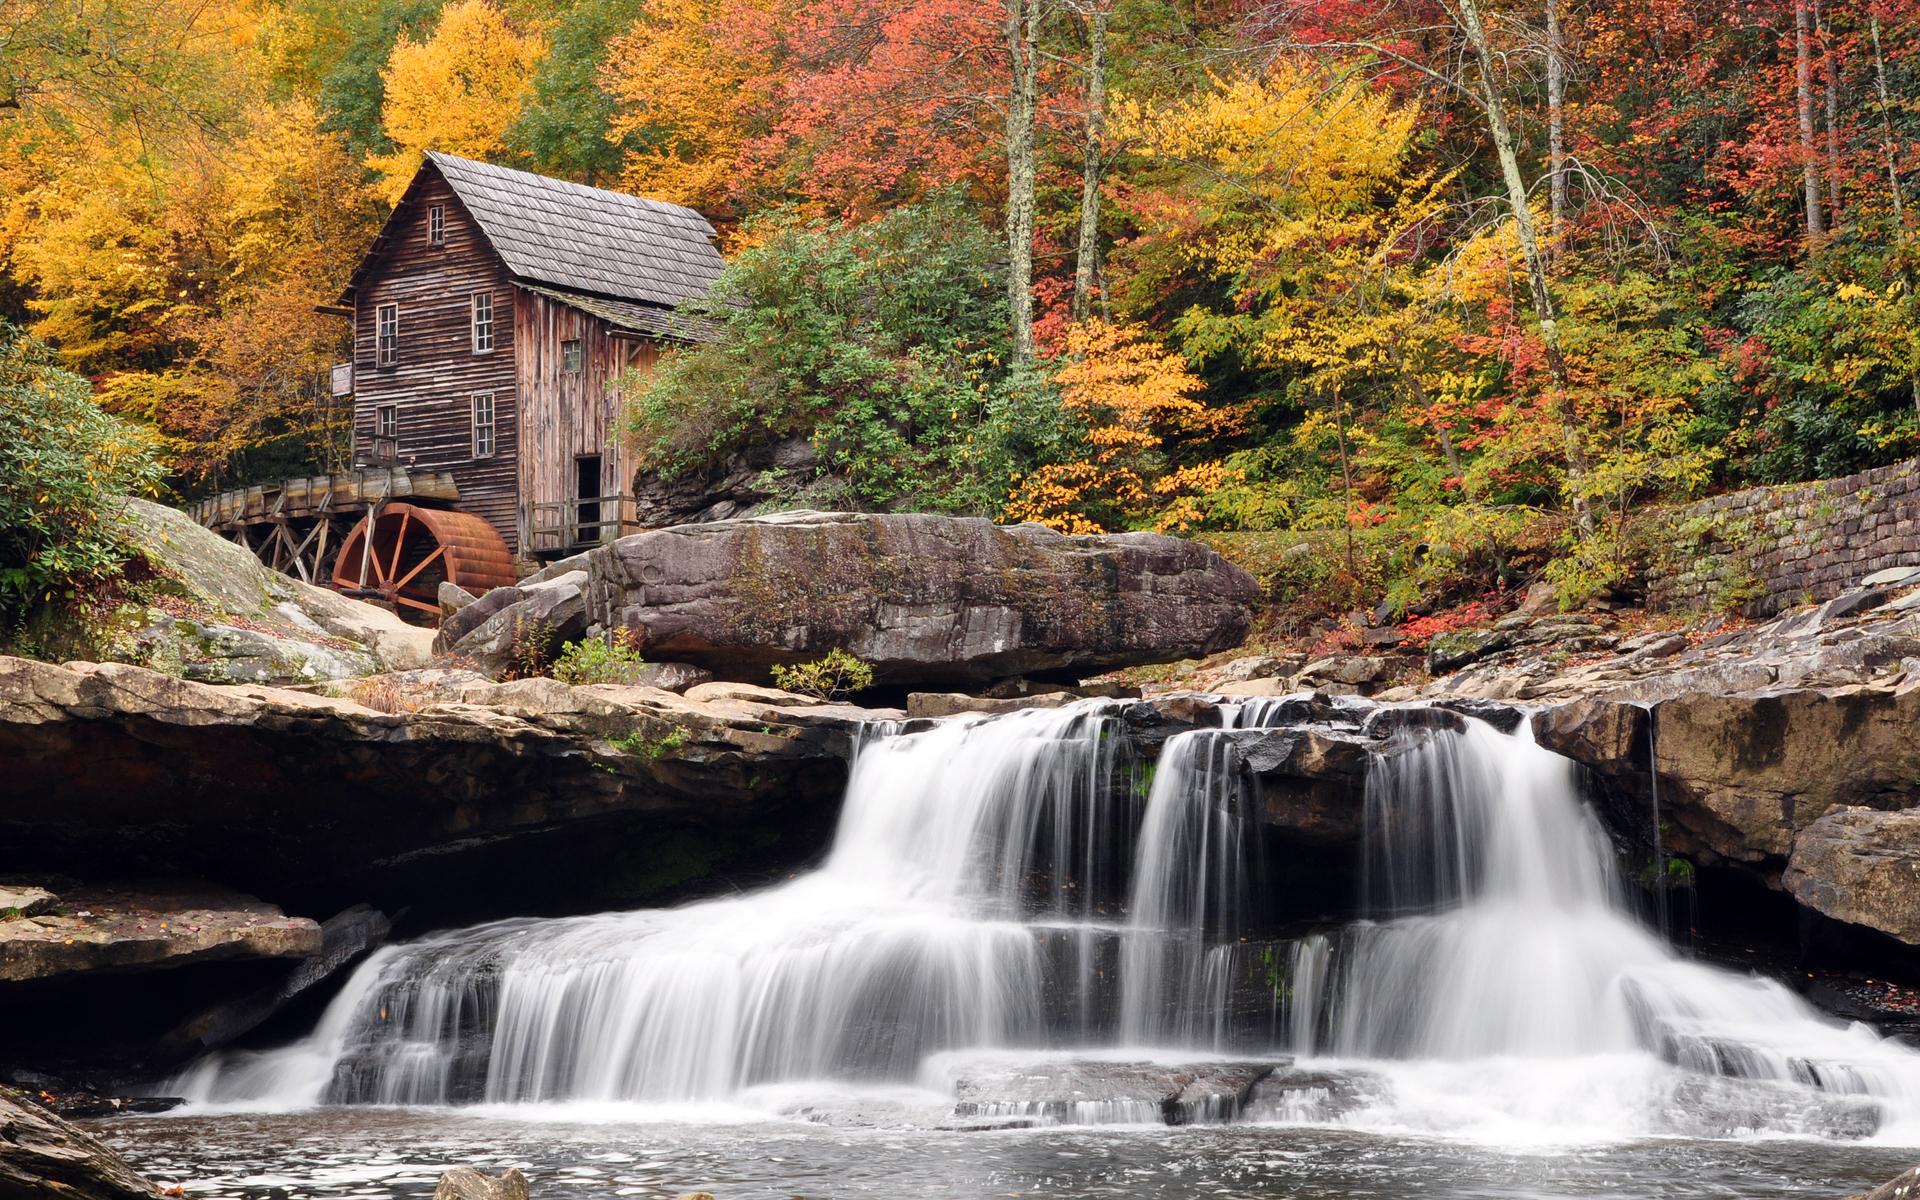 осень, деревья, водяная мельница